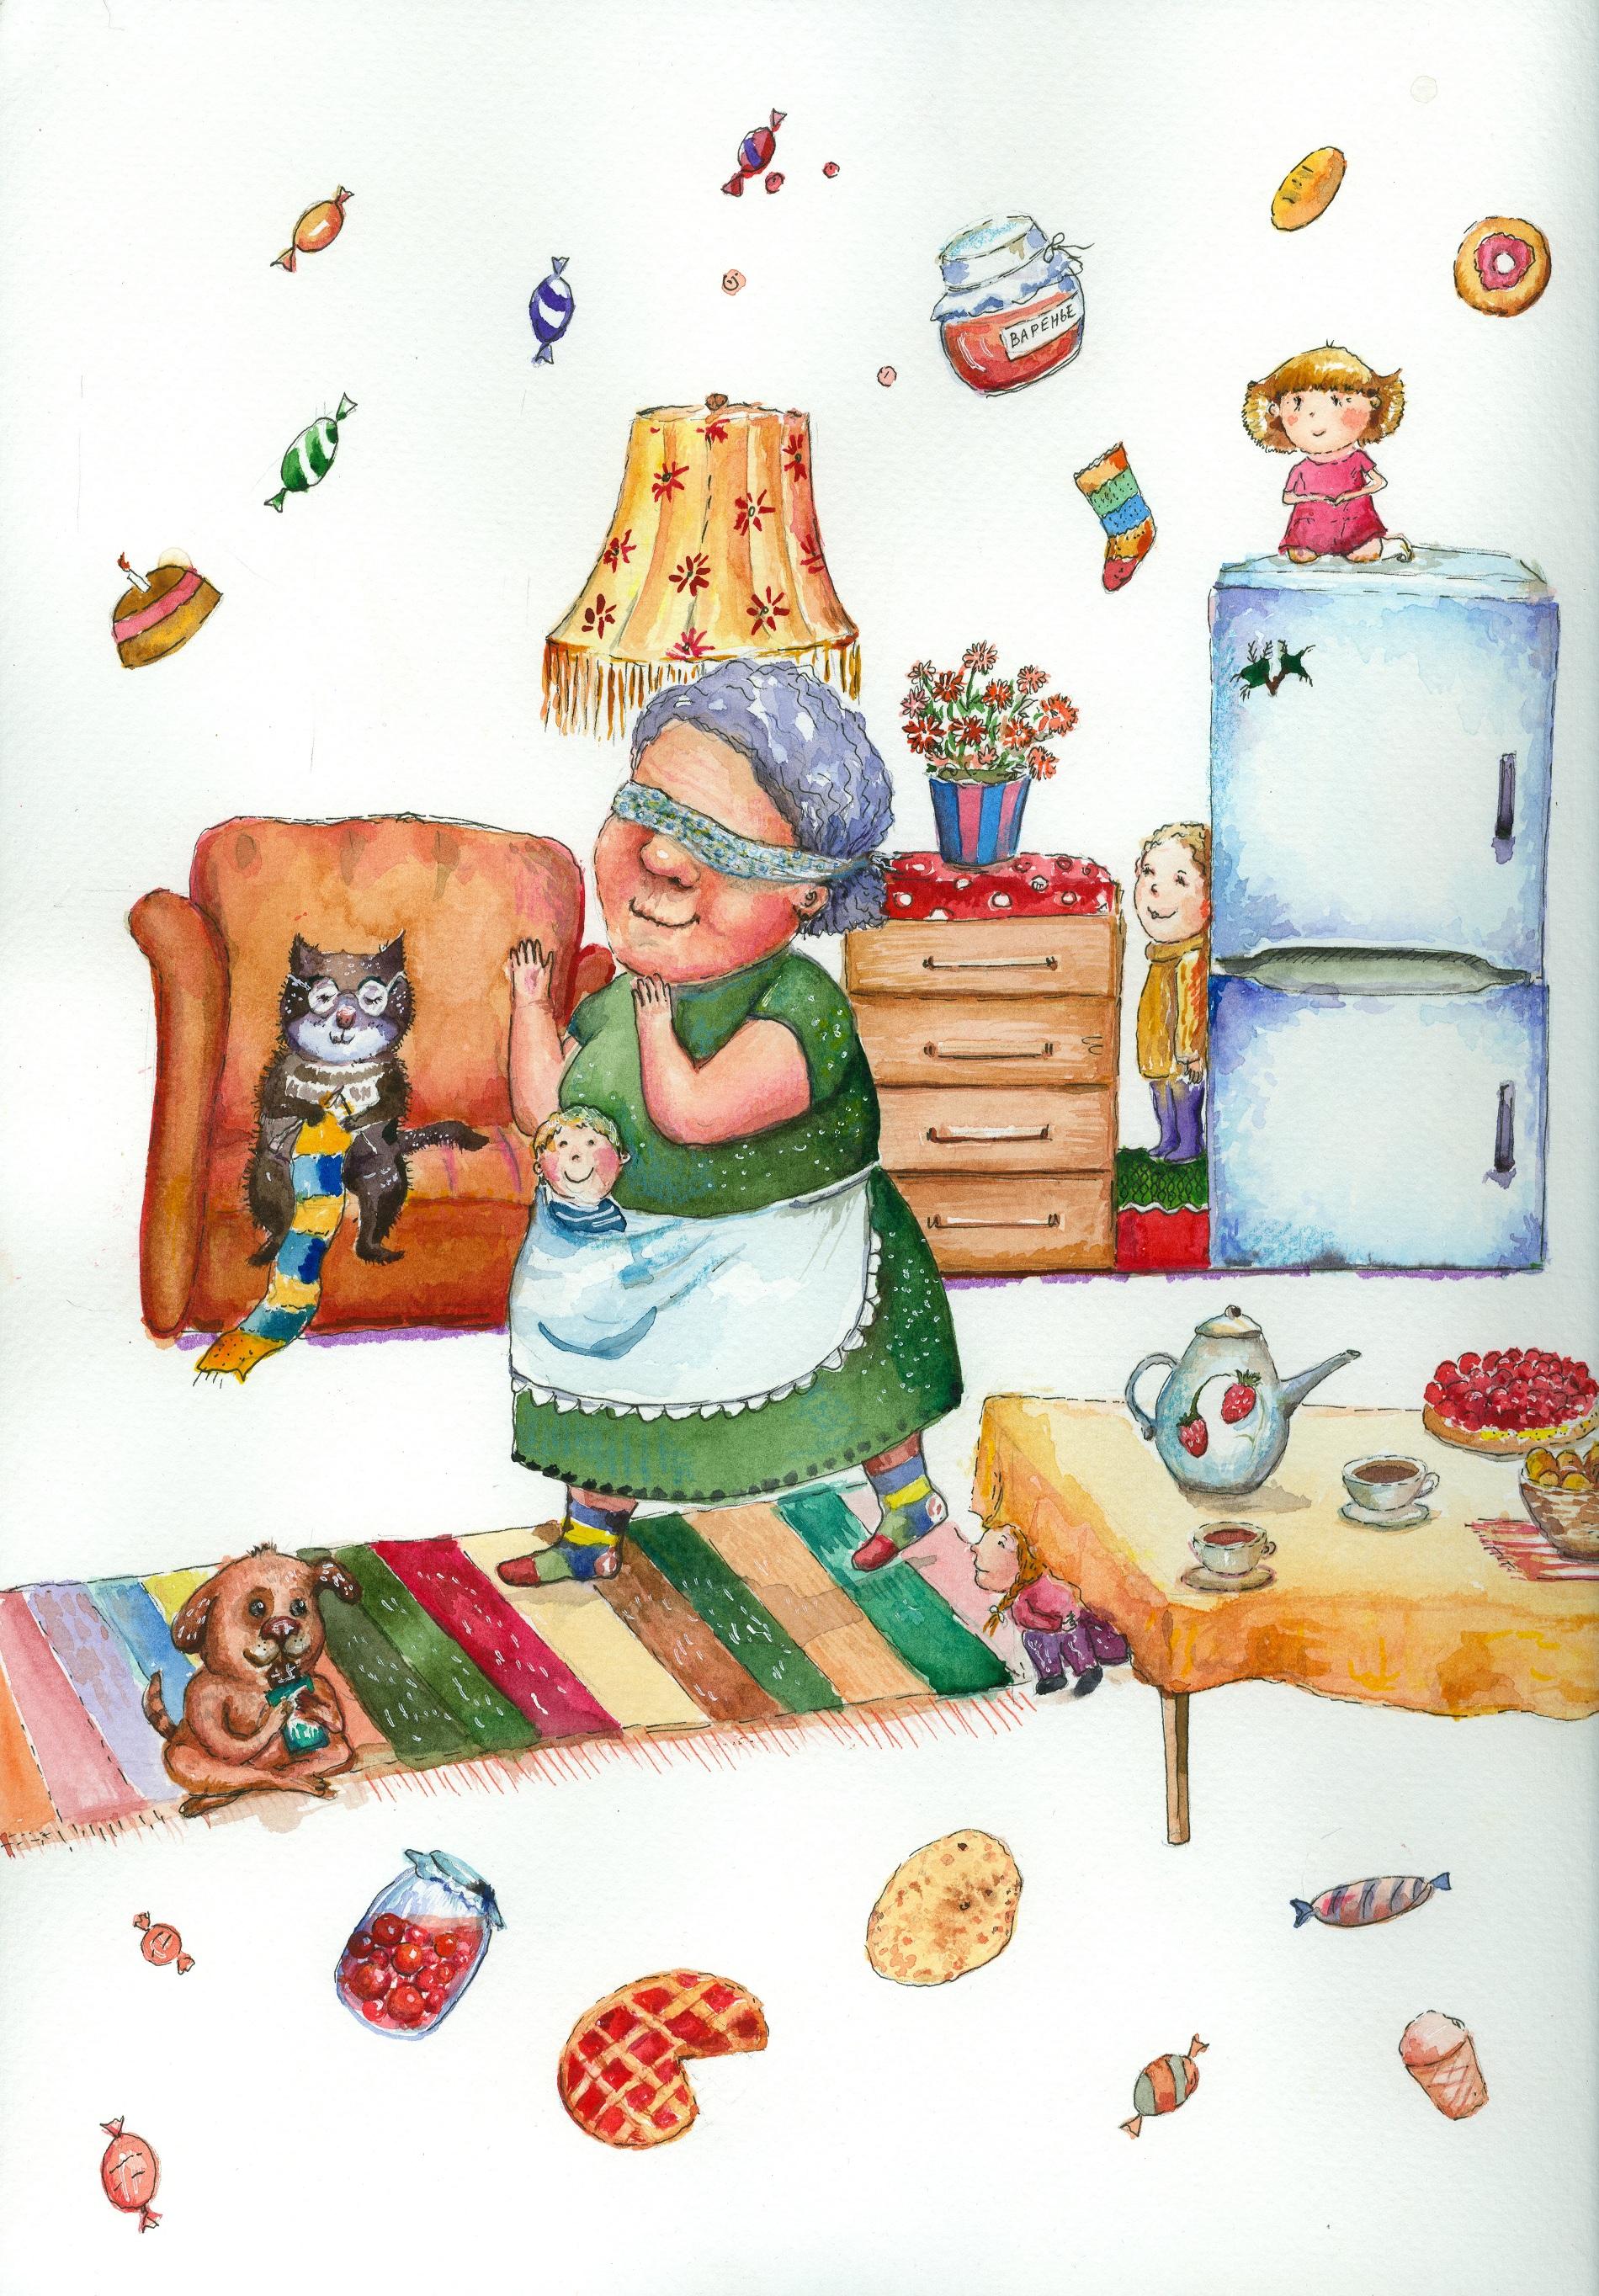 Иллюстрация к главе «Ох уж эти бабушки!»